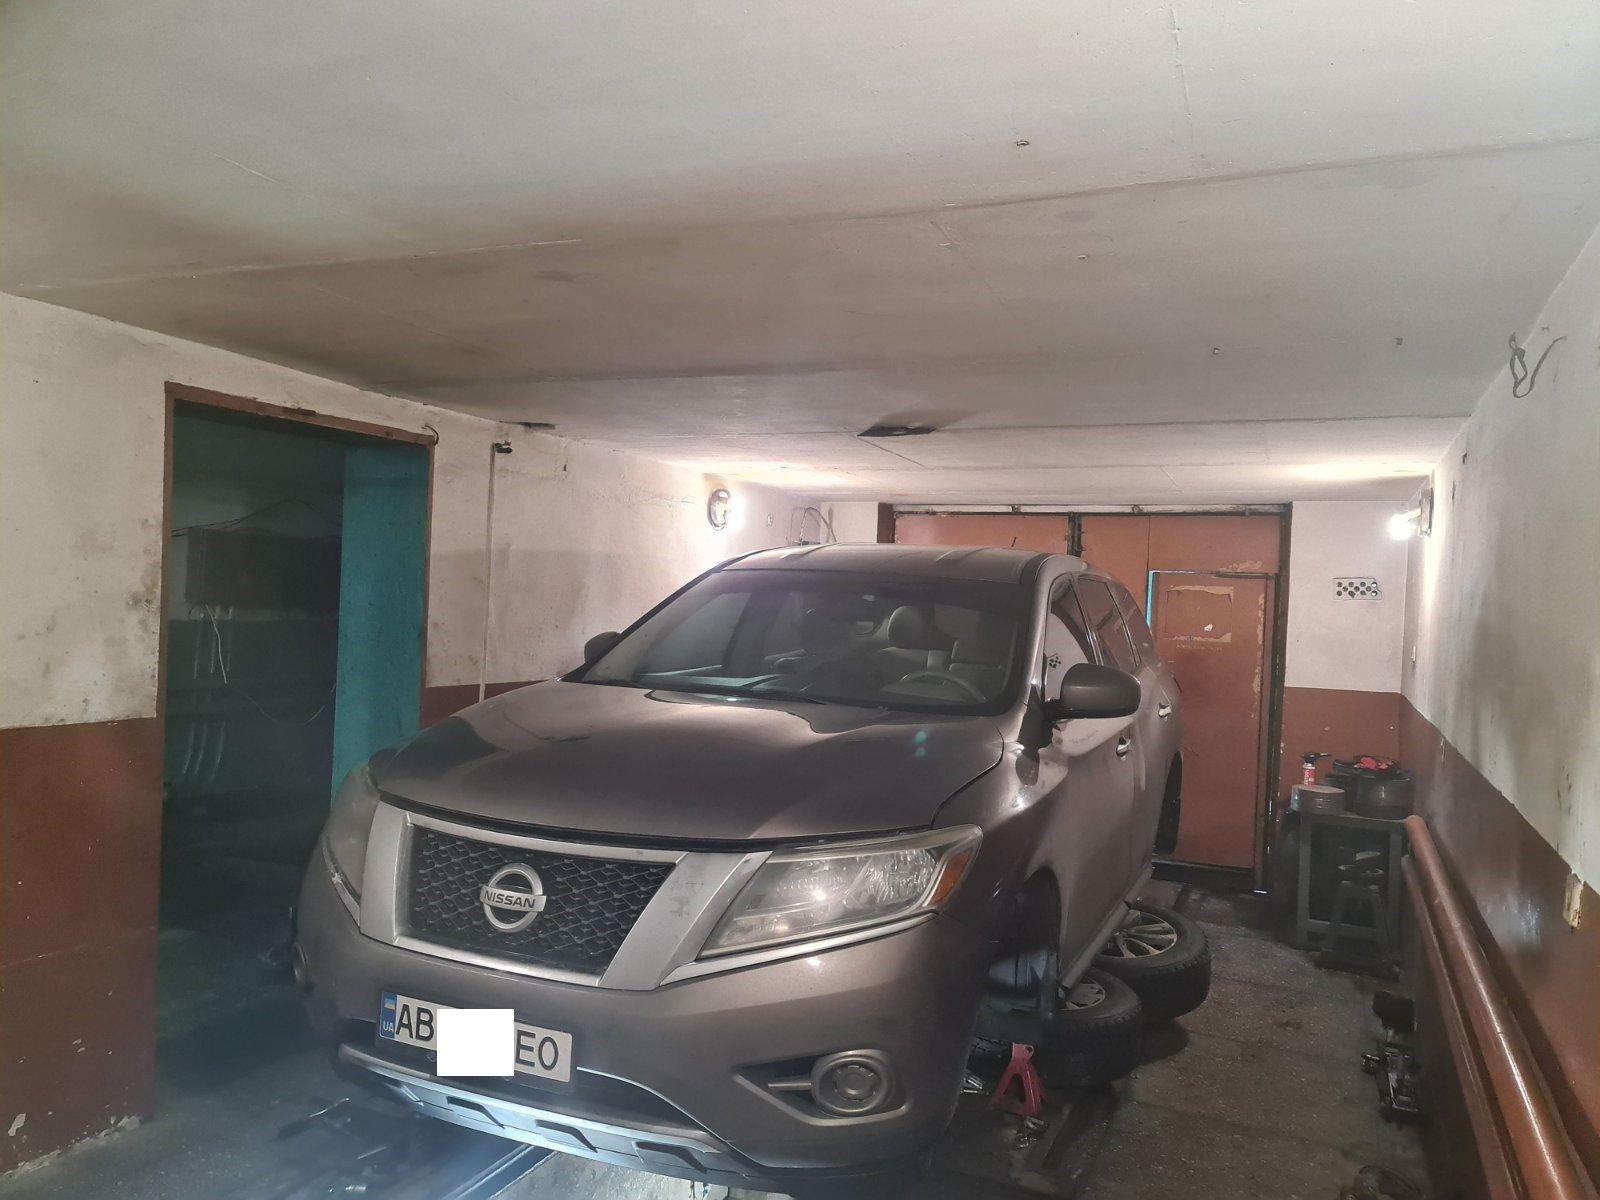 Nissan Pathfinder 2014 року. Відновлення сайлентблоків передніх важелів